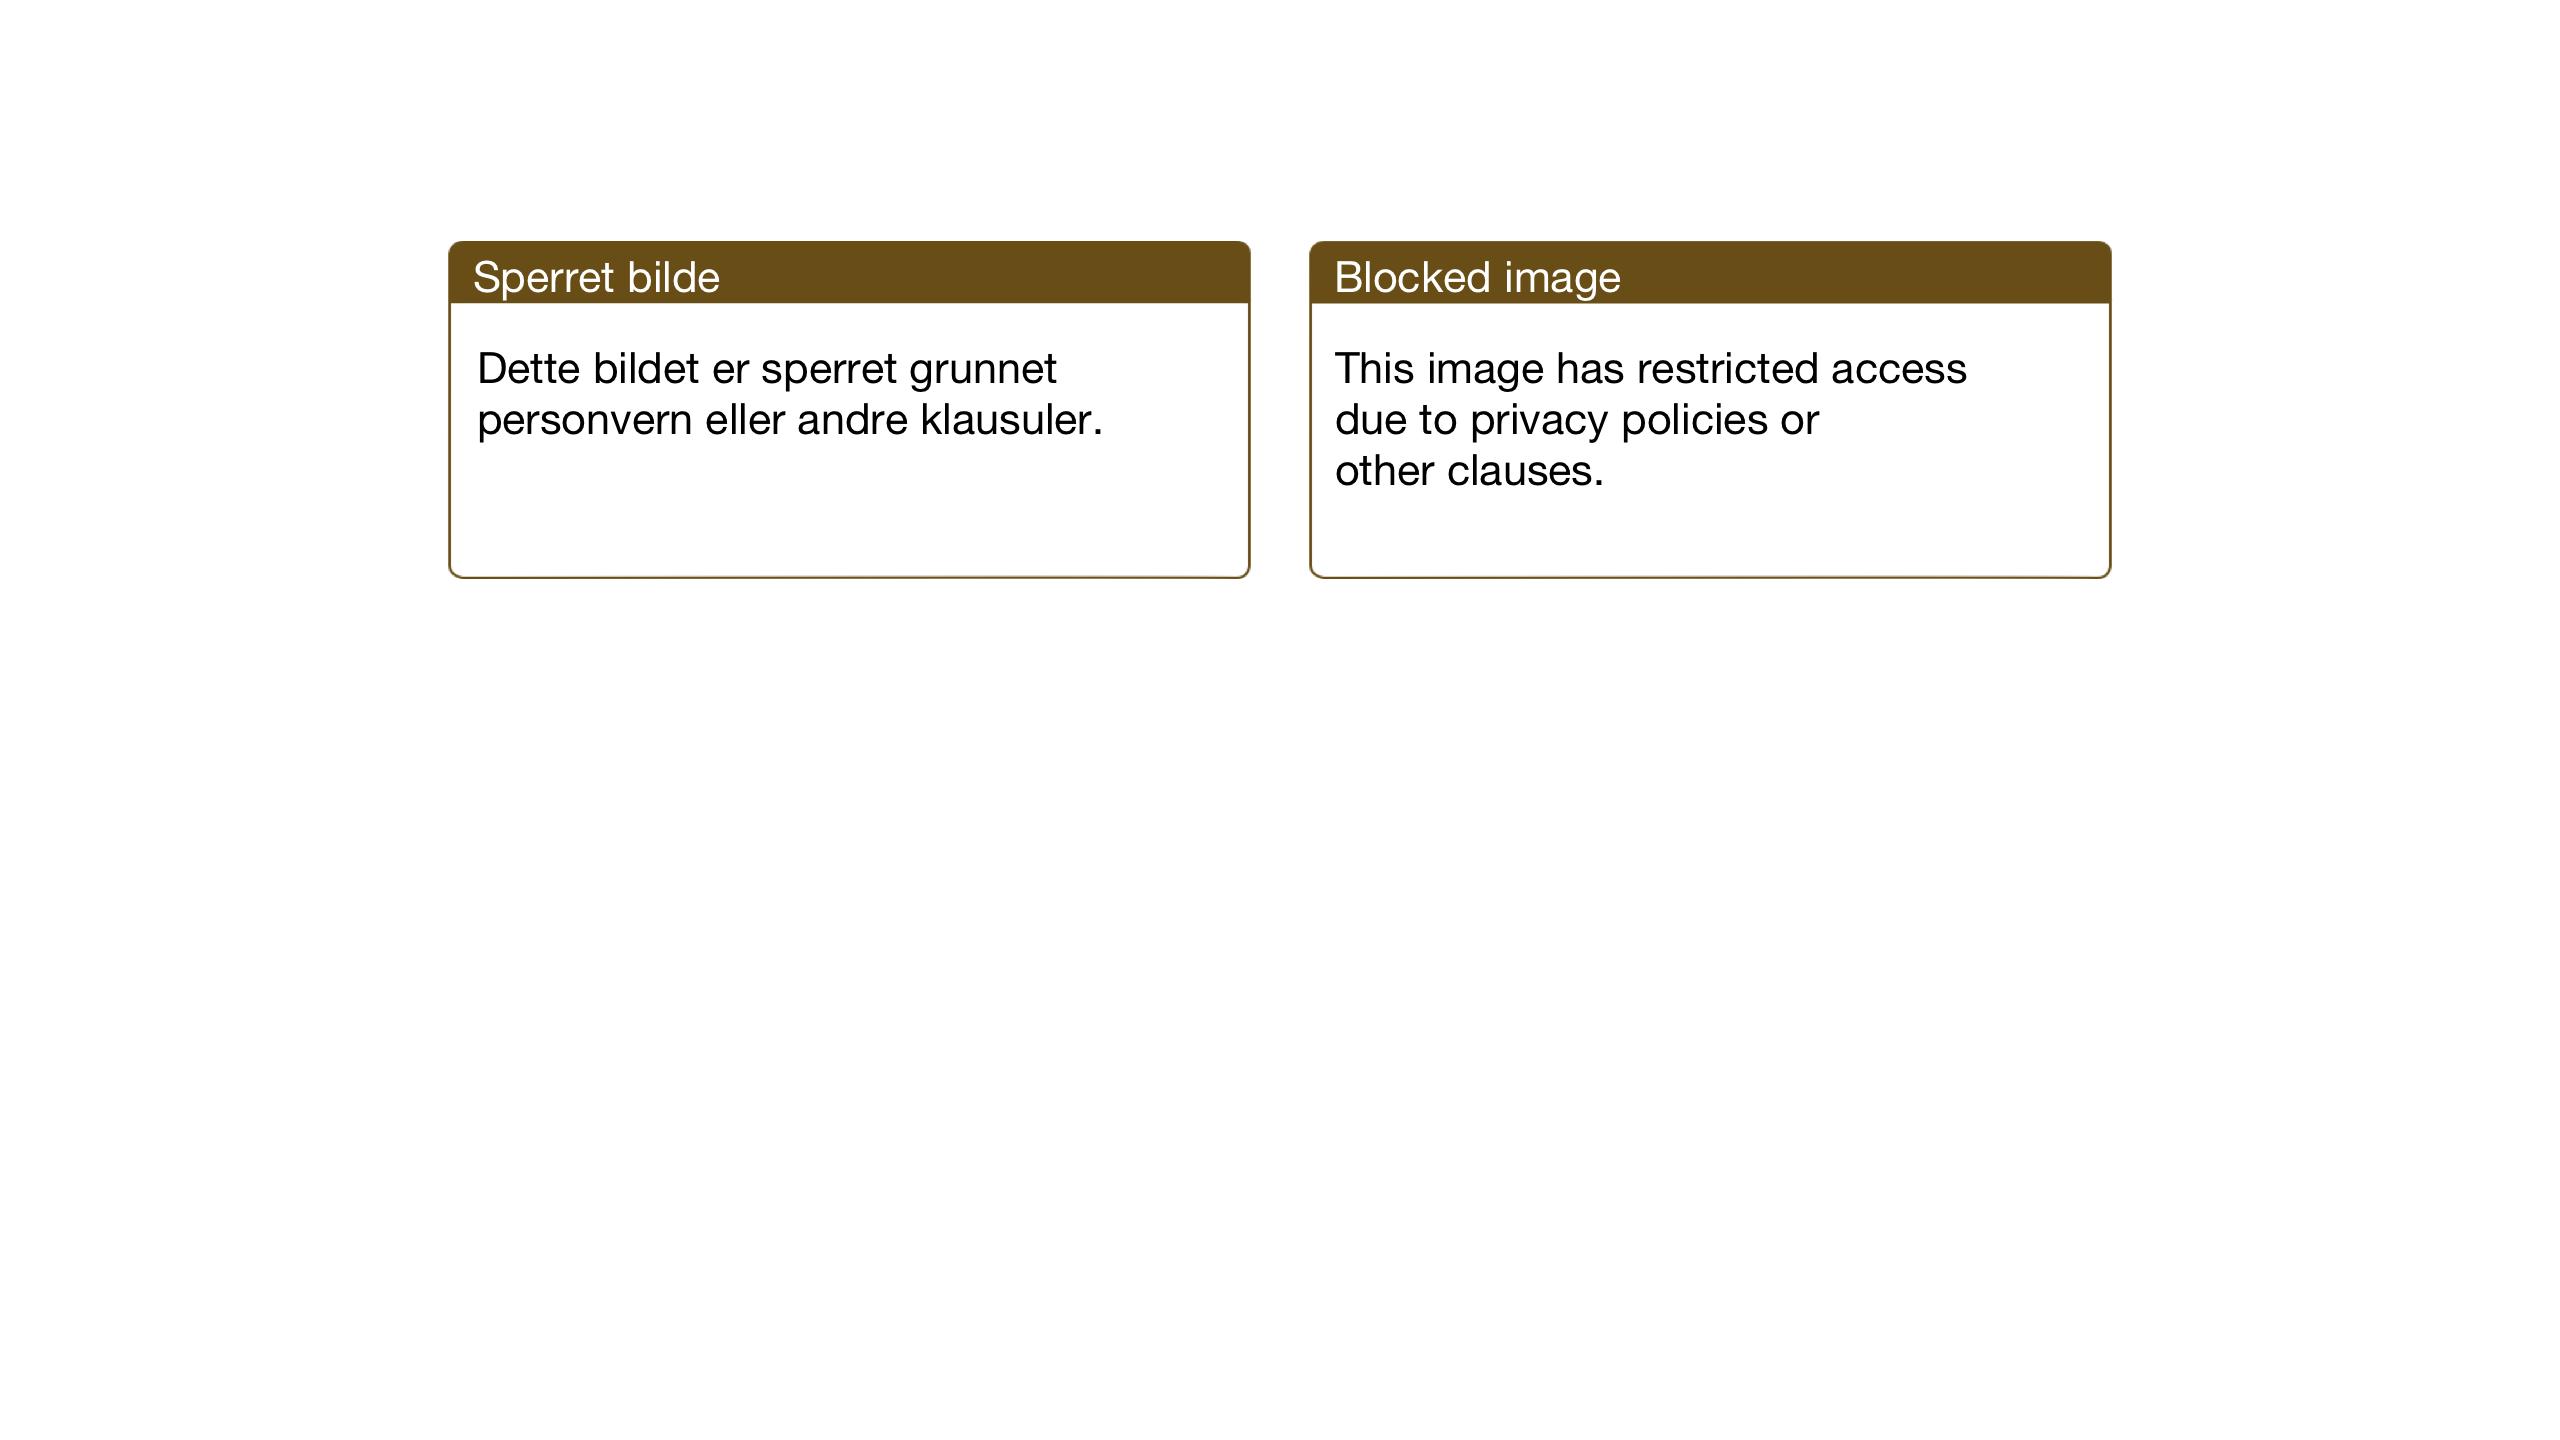 SAT, Ministerialprotokoller, klokkerbøker og fødselsregistre - Nord-Trøndelag, 730/L0304: Klokkerbok nr. 730C07, 1934-1945, s. 38